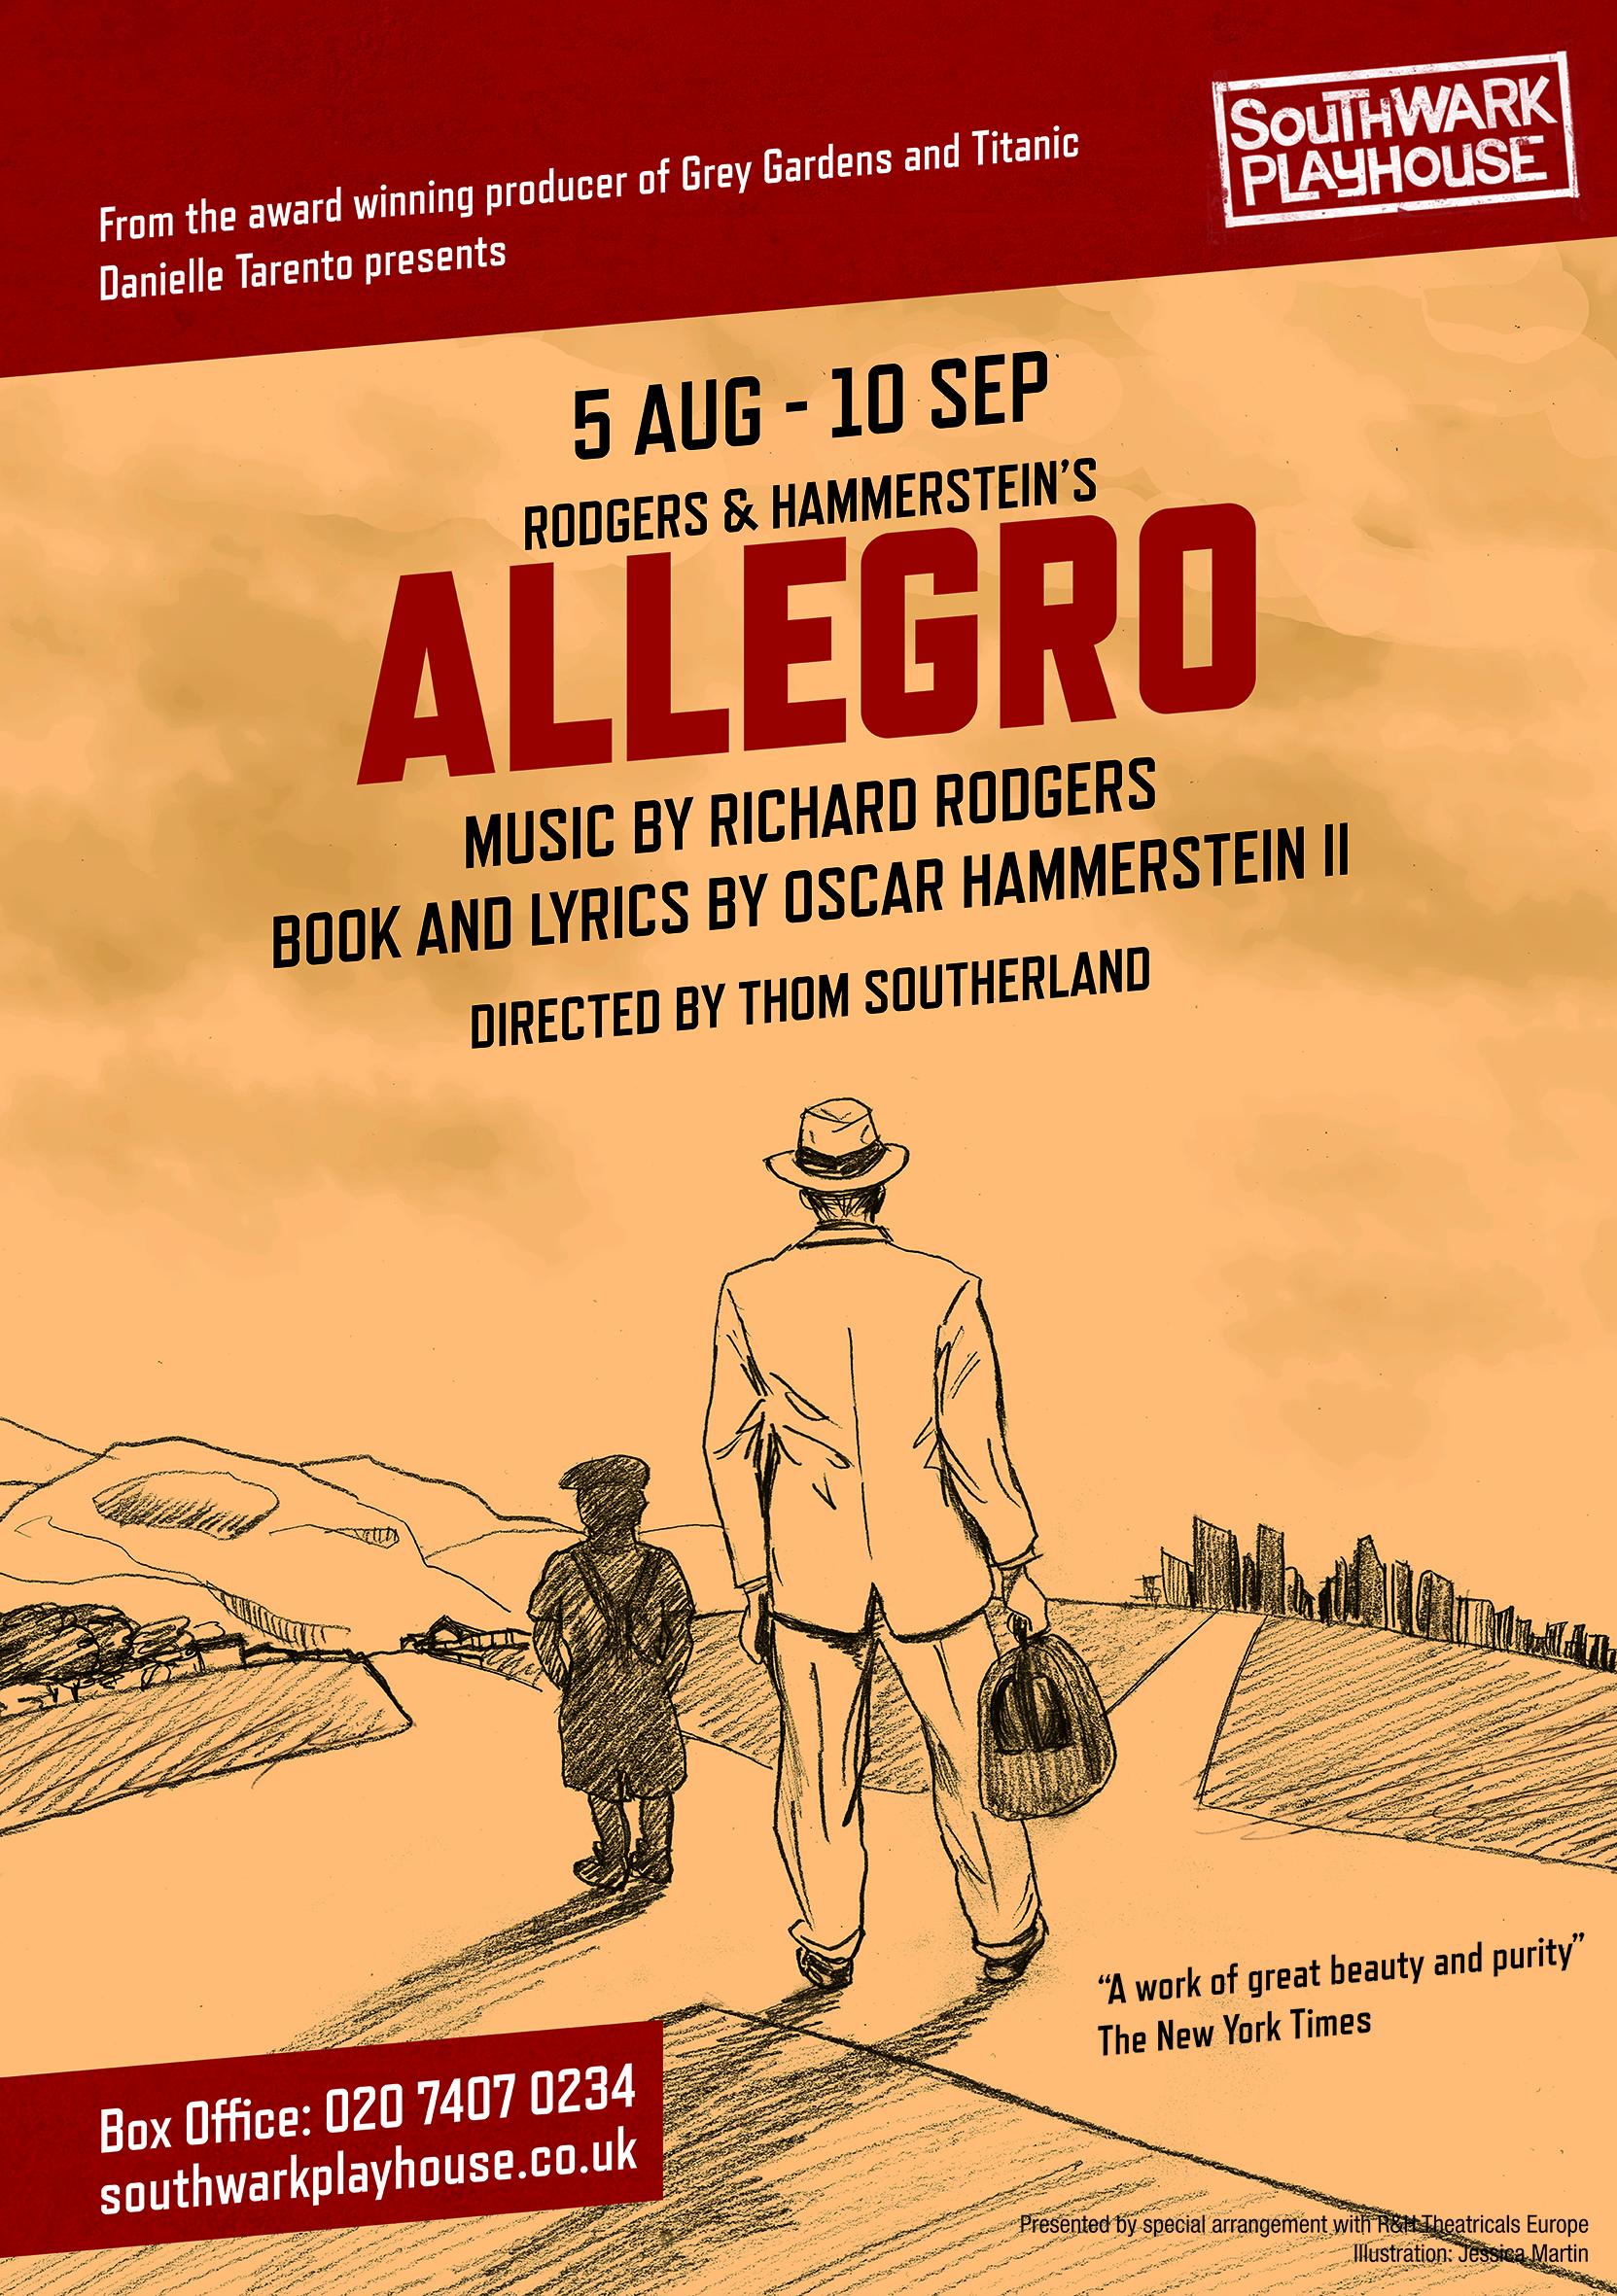 Allegro new final poster.jpg